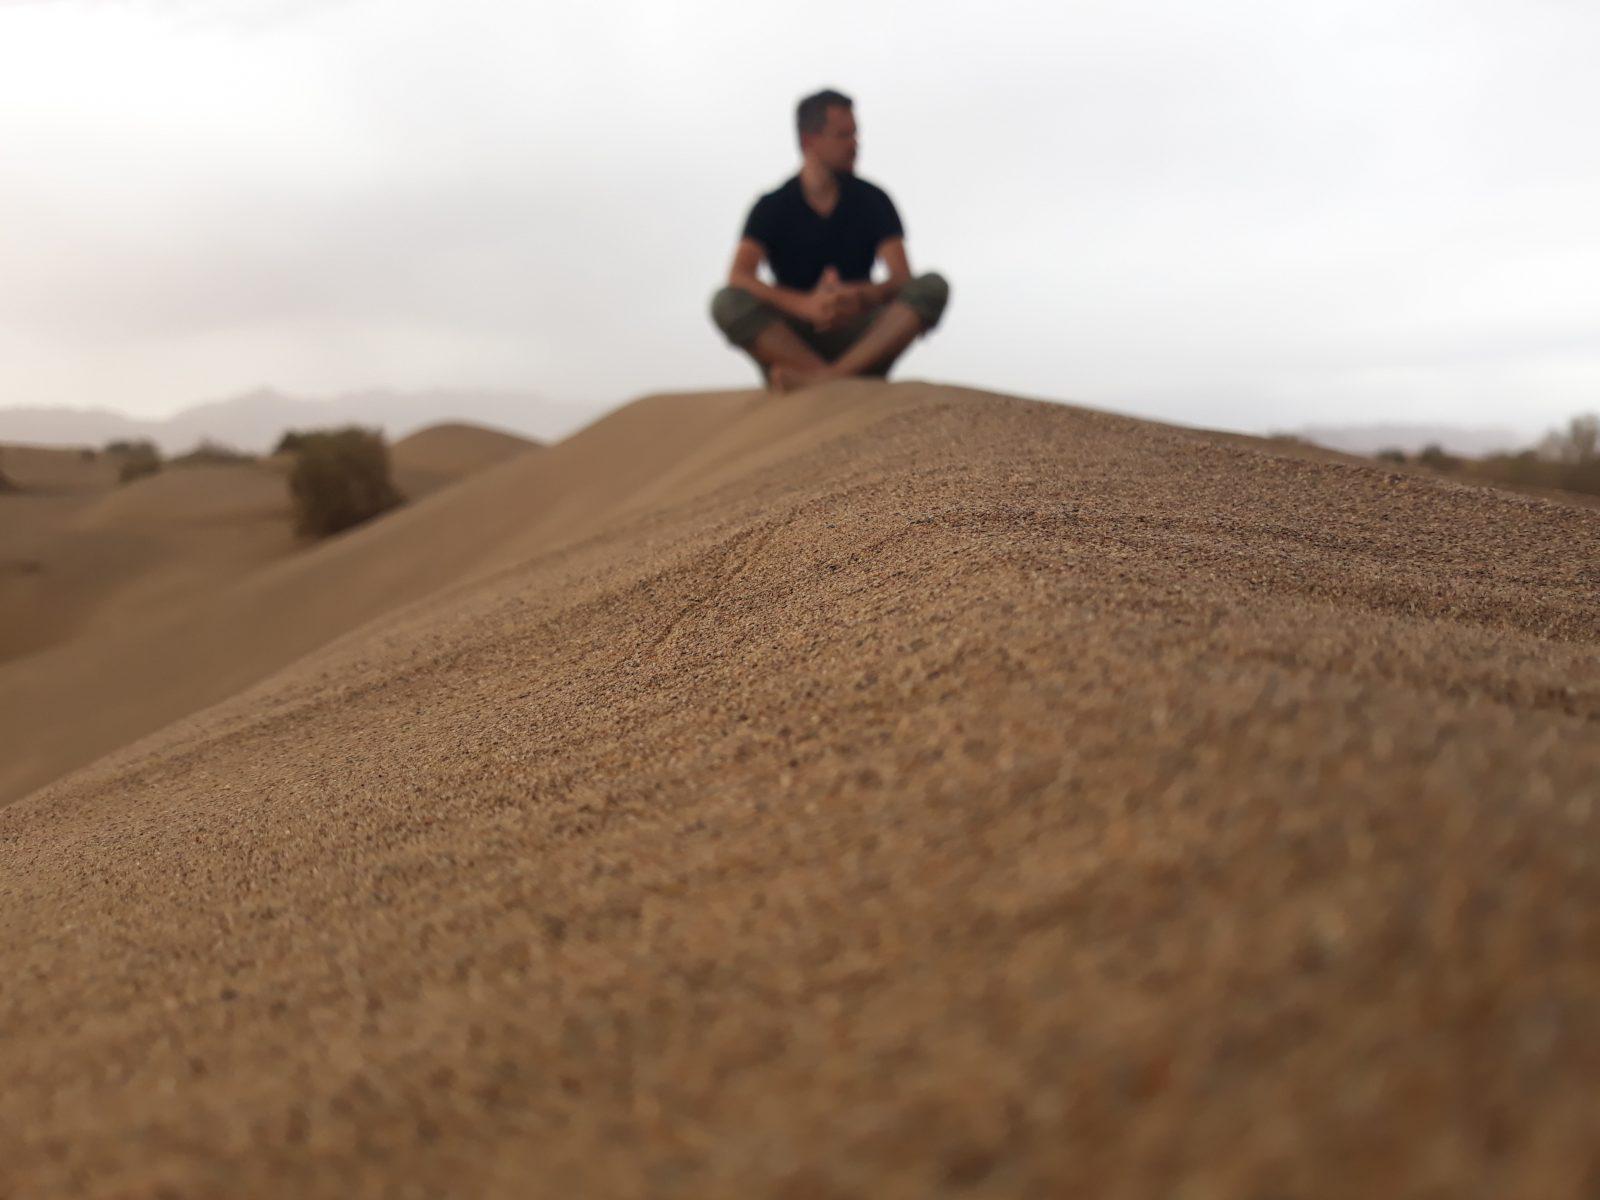 Mesr pustinja u Iranu. Prepostavljamo da je fotografija nastala pre razbijanja telefona